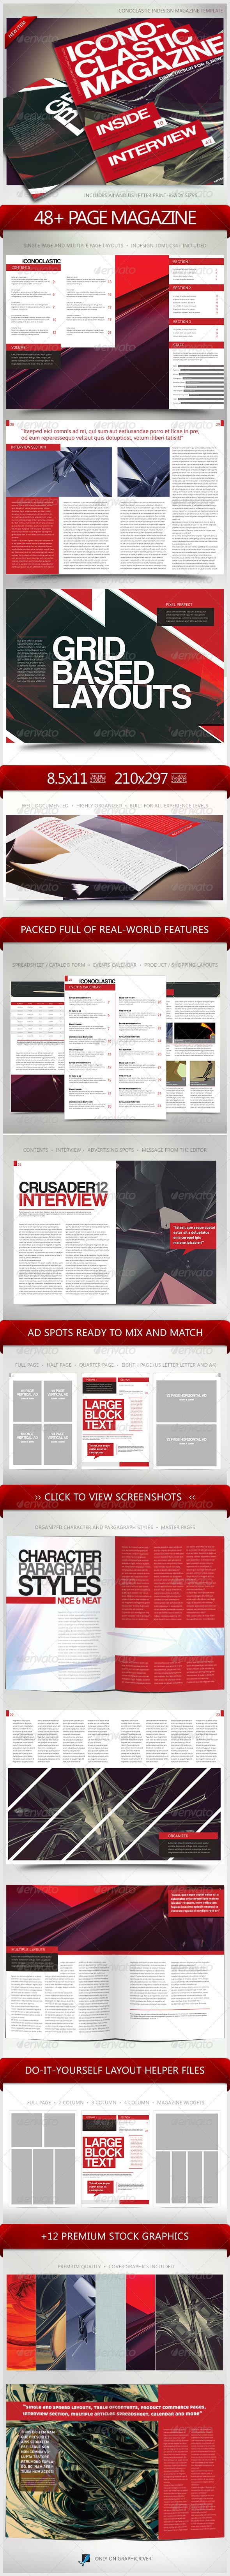 GraphicRiver Iconoclastic 48& Page Magazine Template 5582246